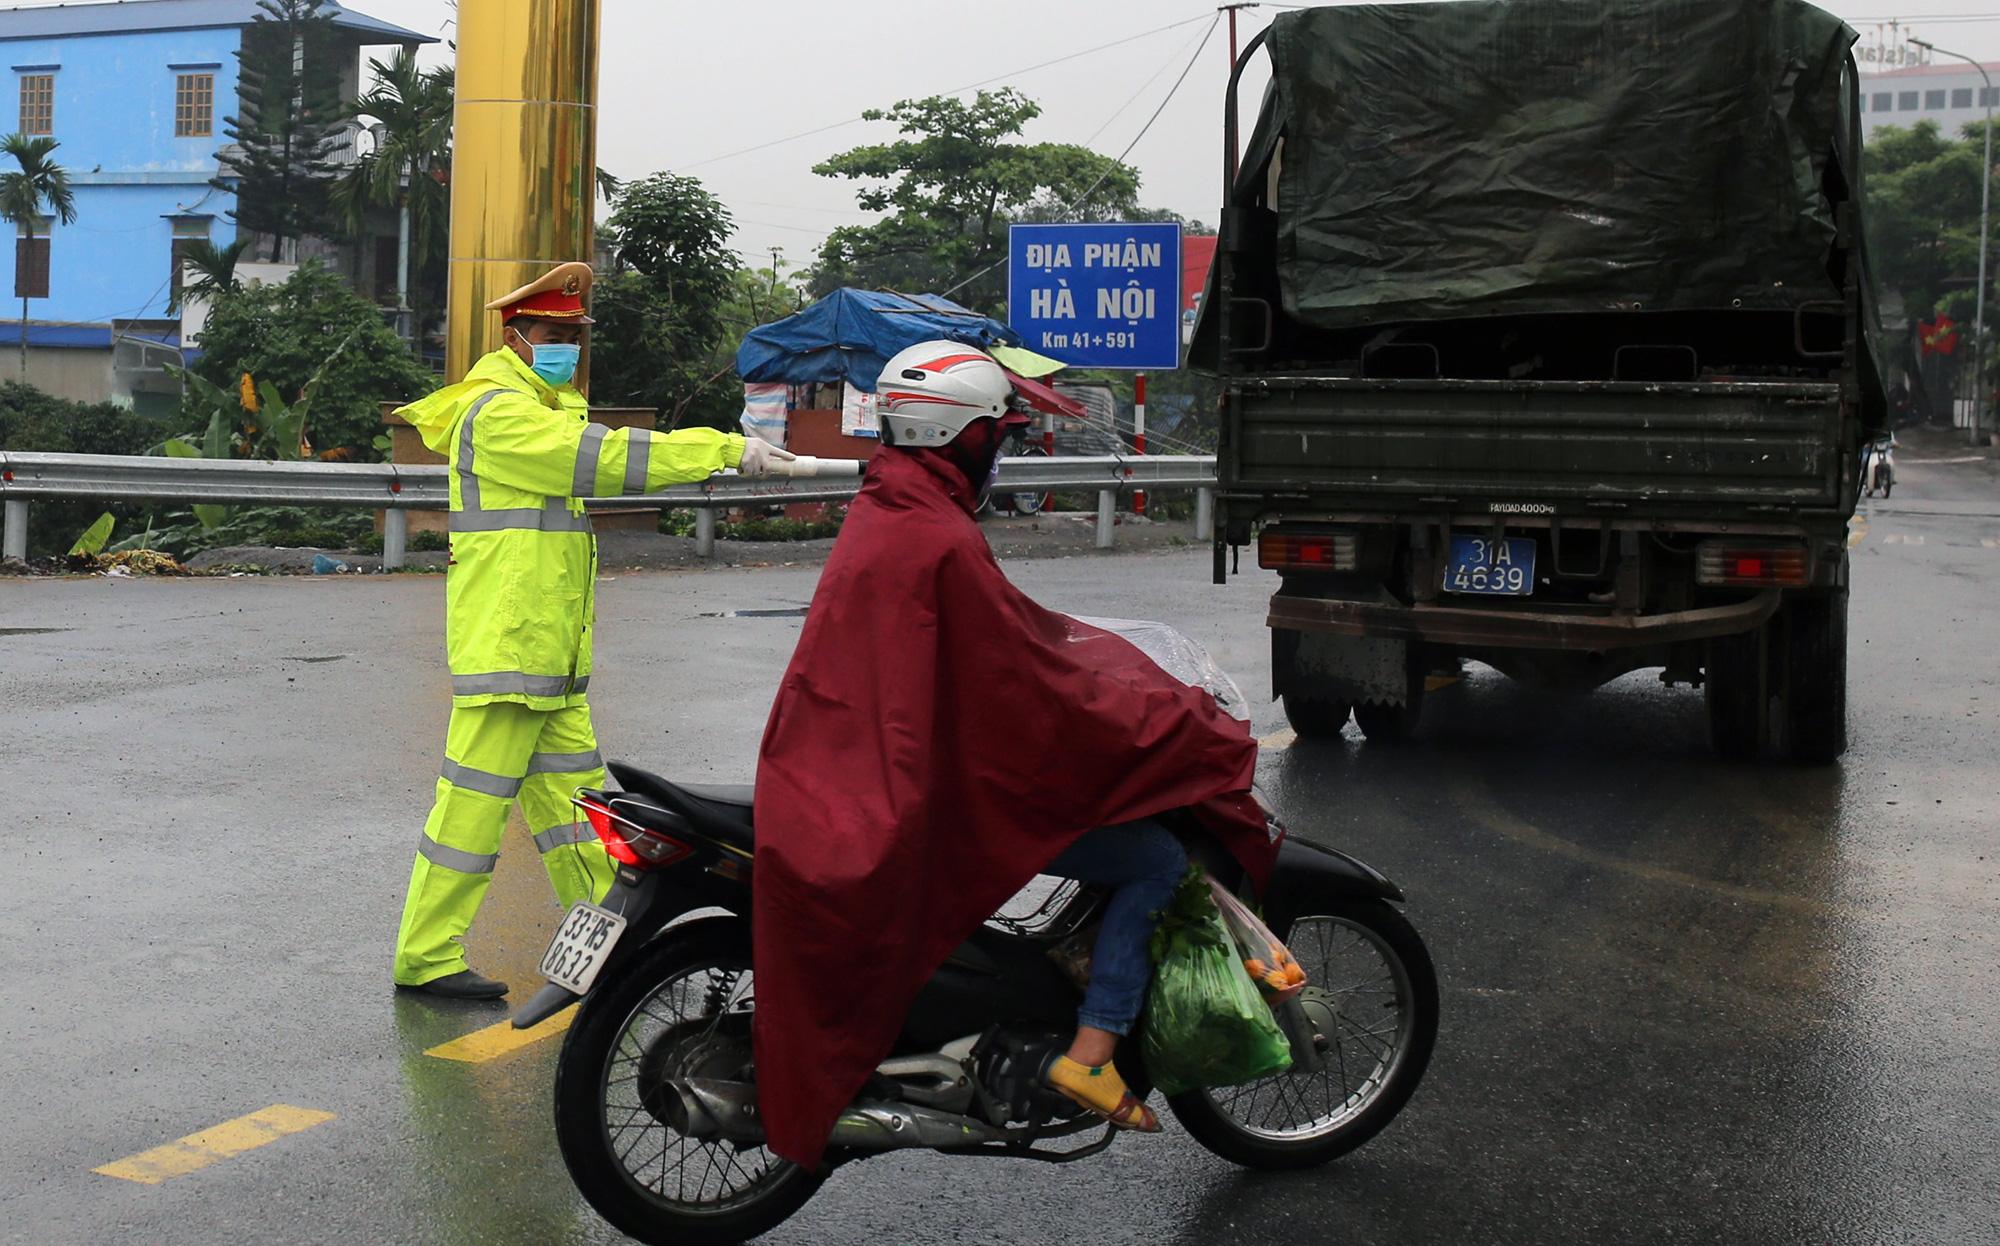 Chốt kiểm soát, giám sát cách li xã hội ở cửa ngõ Thủ đô Hà Nội hoạt động thế nào? - Ảnh 2.